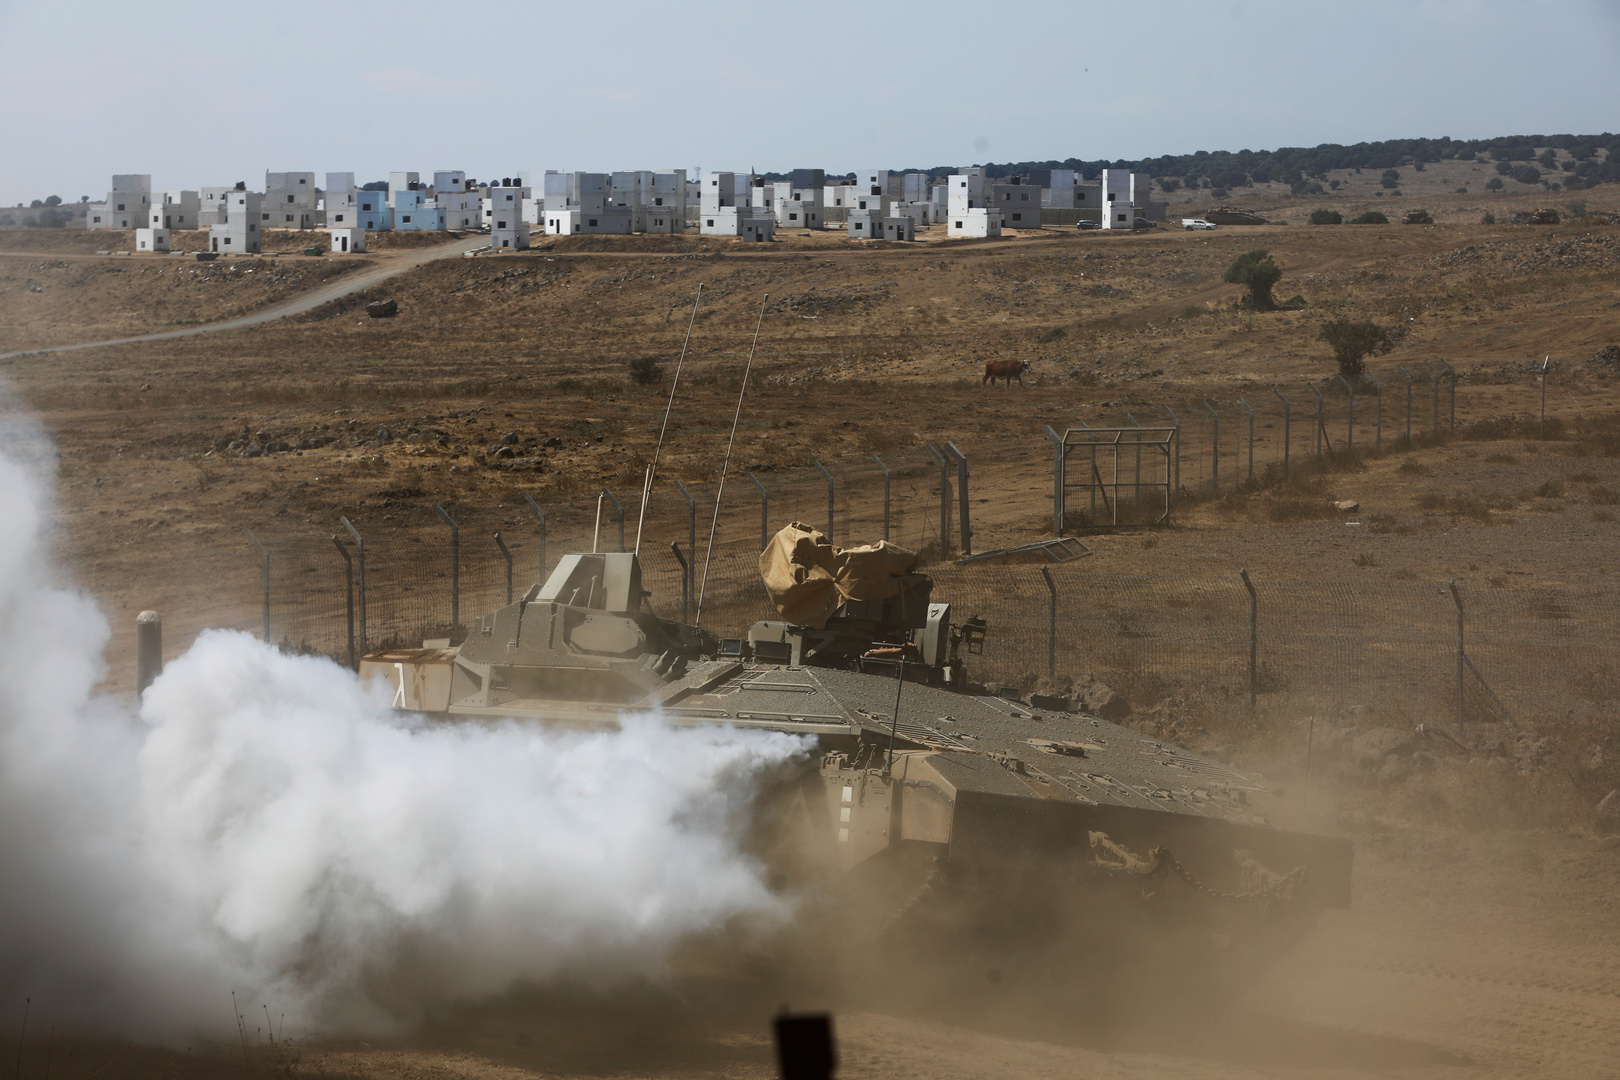 عربة عسكرية إسرائيلية في منطقة الجولان (صورة من الأرشيف)